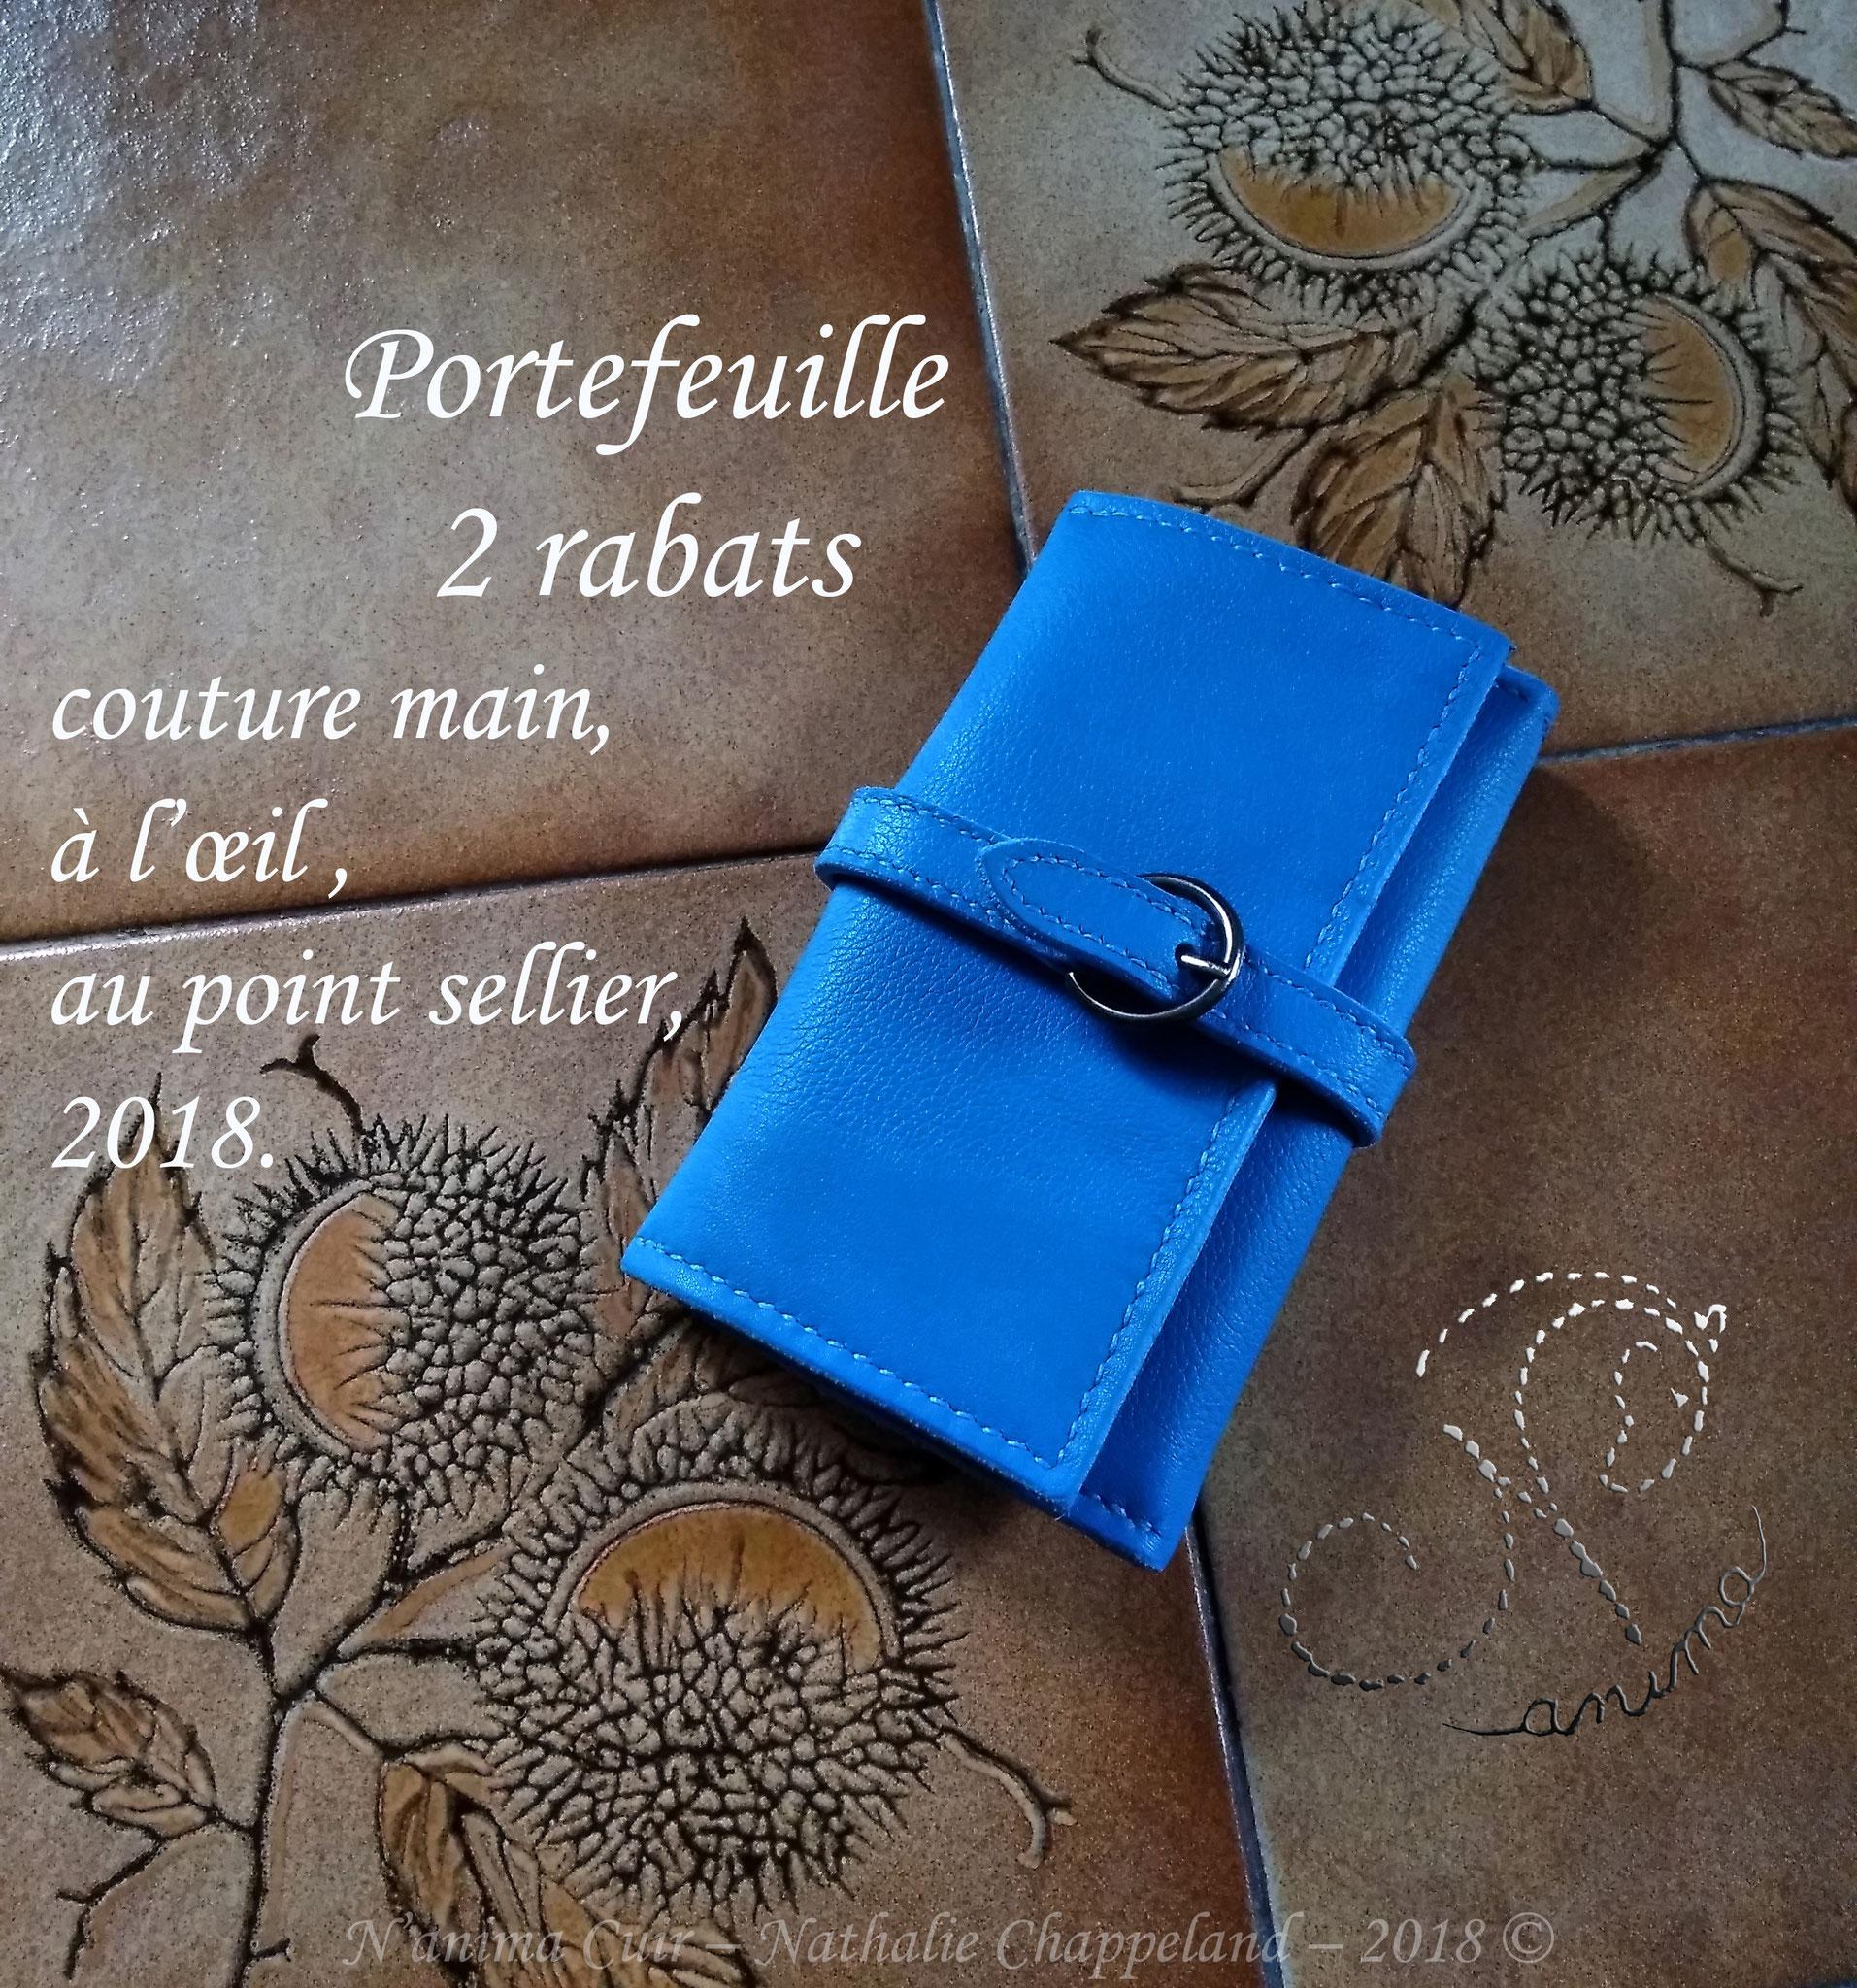 """portefeuille 2 rabats """"bleu mer"""", couture main, à l'œil, au point sellier, 2018 ©"""